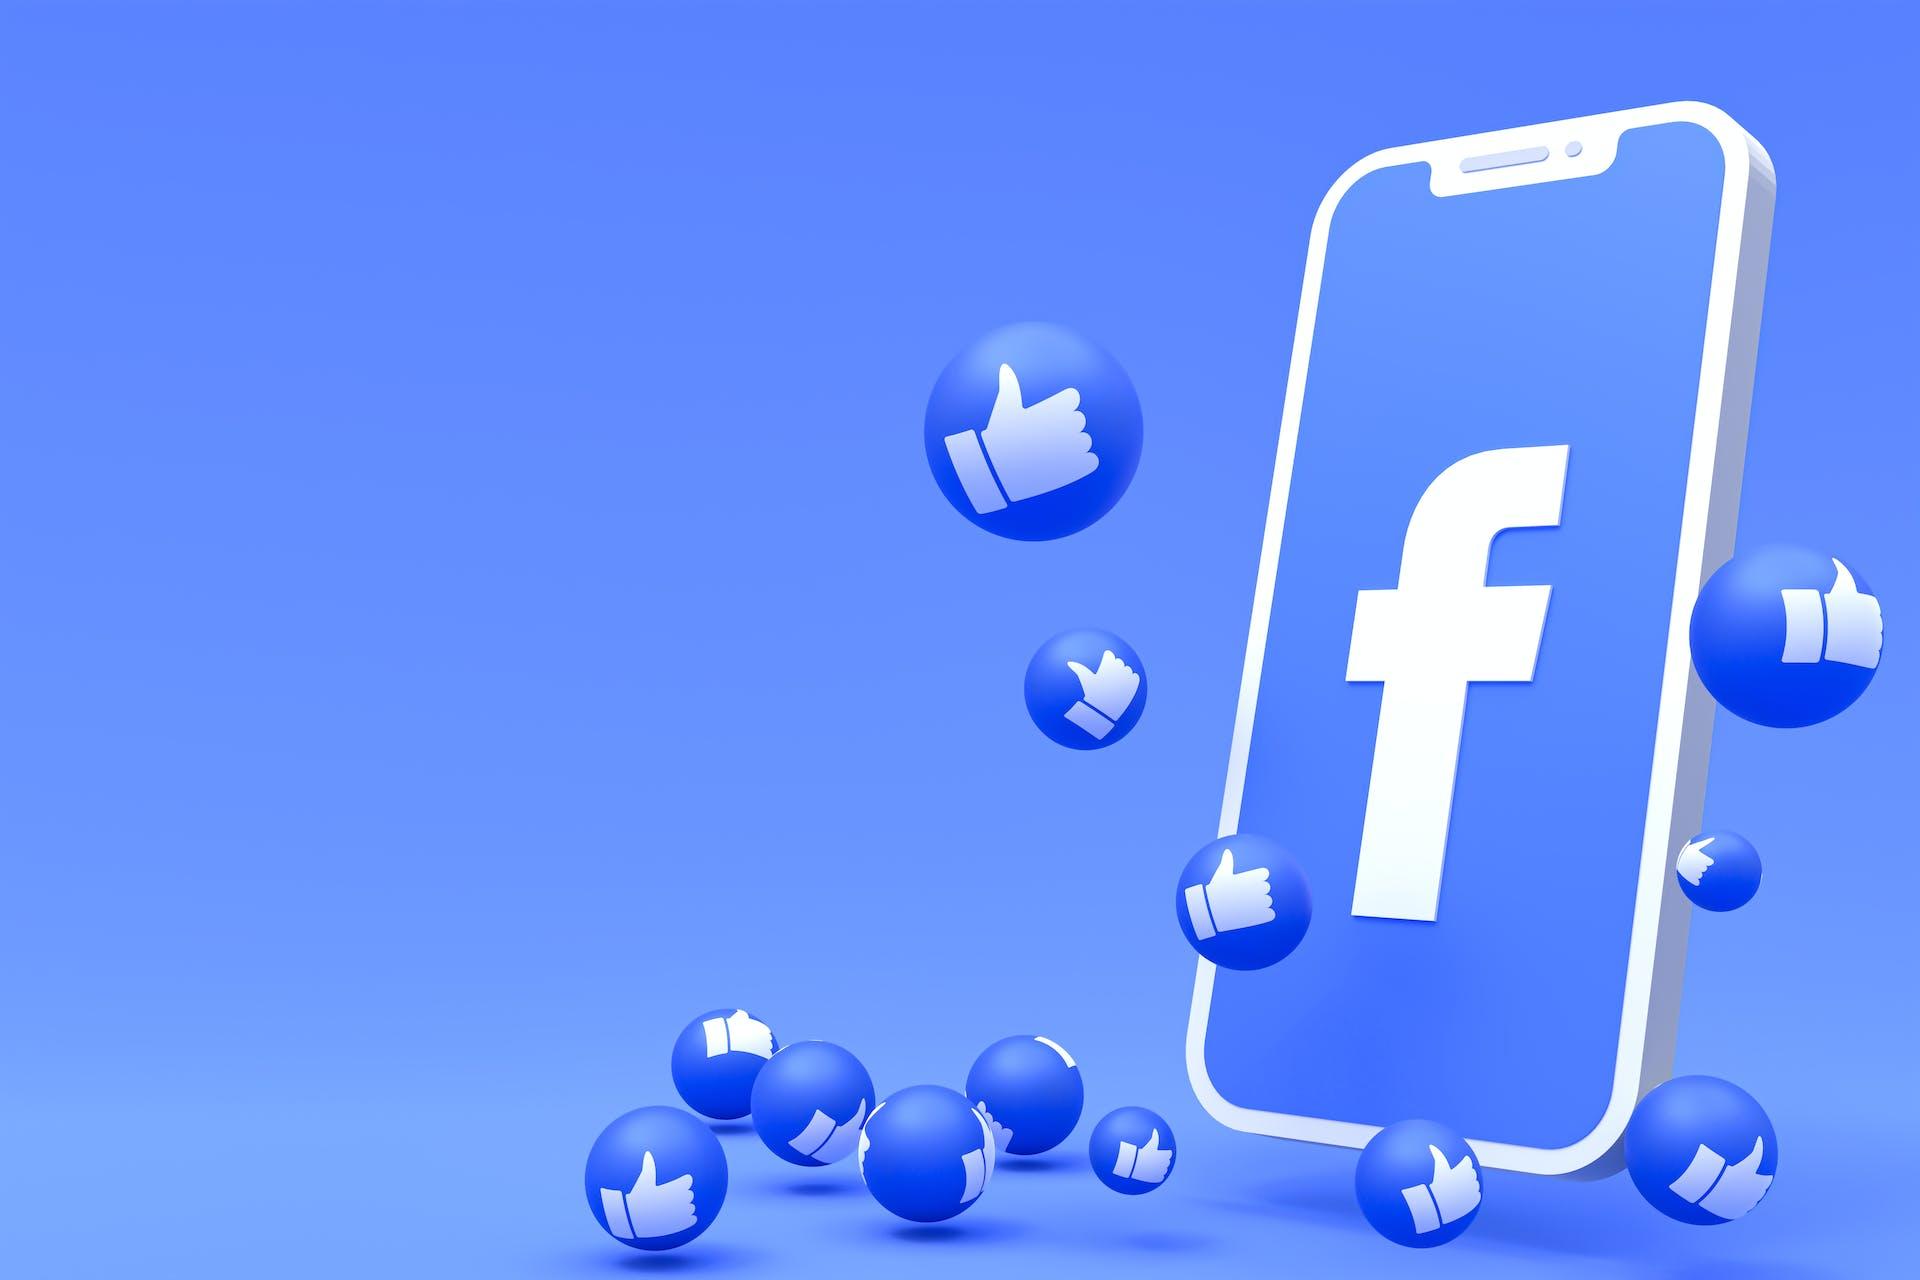 """Blauer Hintergrund, davor ein Smartphone mit Facebook-Logo auf dem Bildschirm und rundherum sind blaue Blasen auf denen man einen """"Daumen-hoch"""" sieht"""